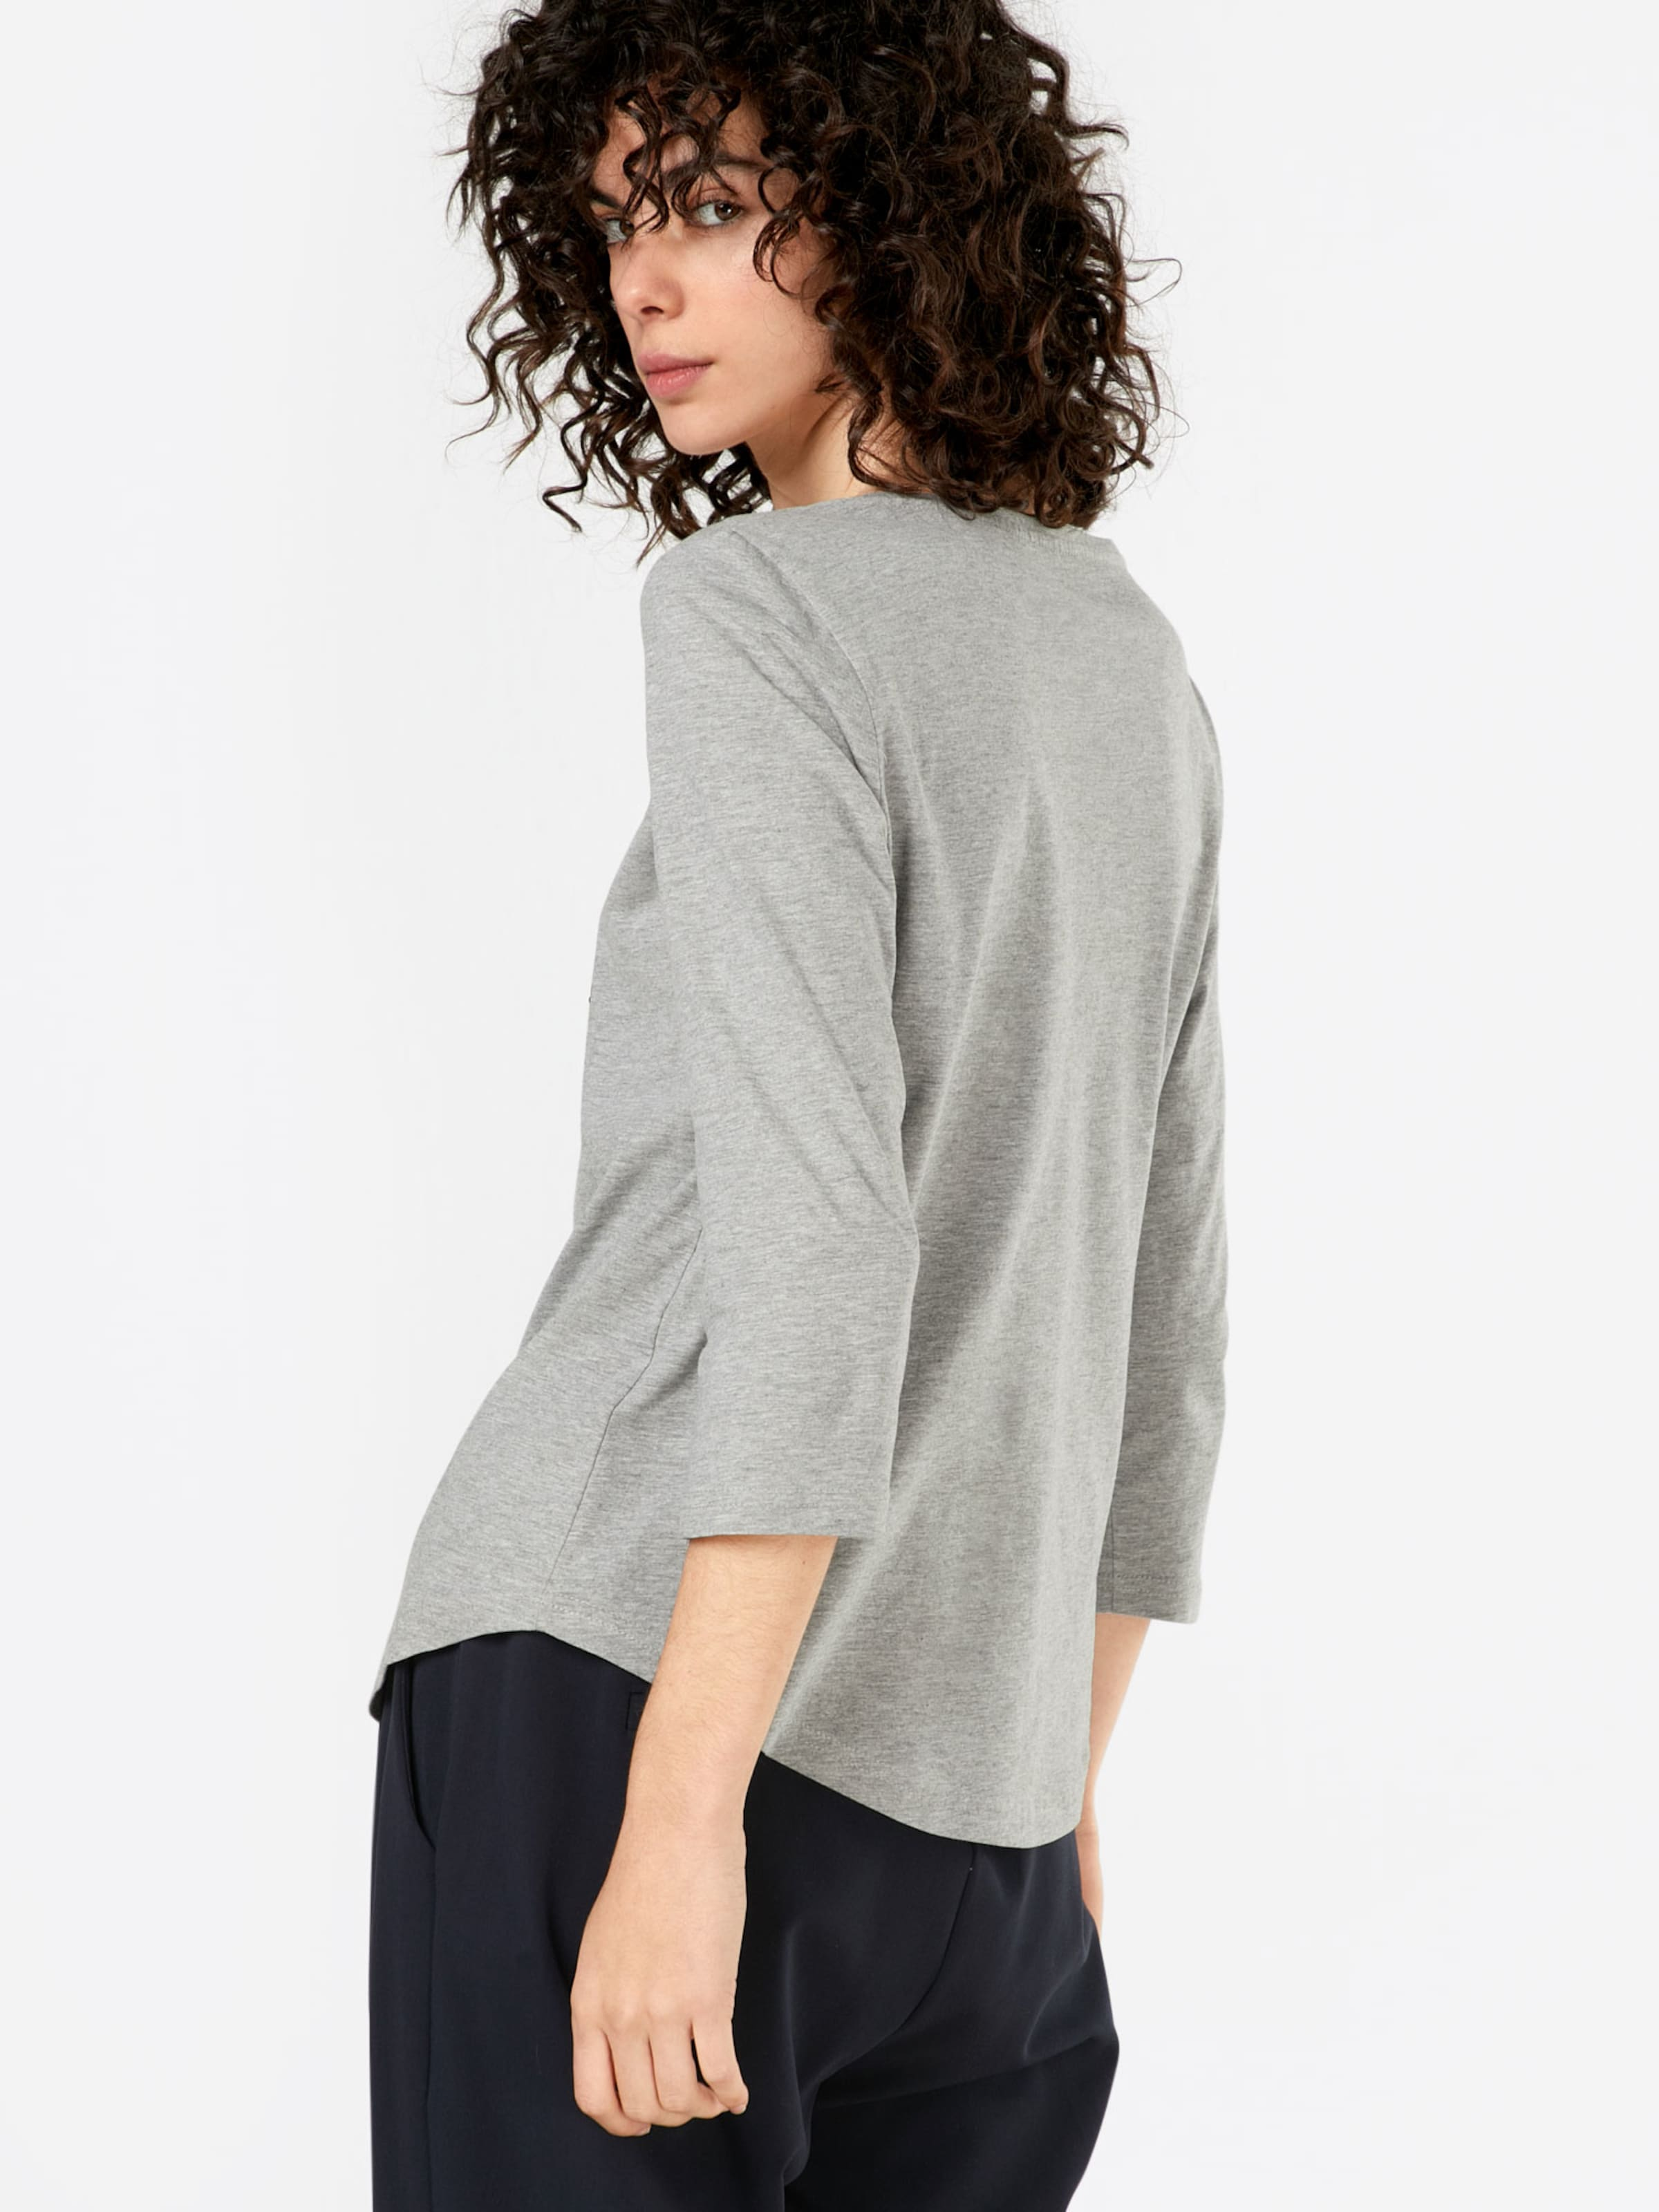 Günstiger Preis Aus Deutschland TOM TAILOR Shirt mit Dreiviertel Ärmel Preis Günstig Kaufen Shop Mode-Stil Günstig Online 2cZebScRXJ